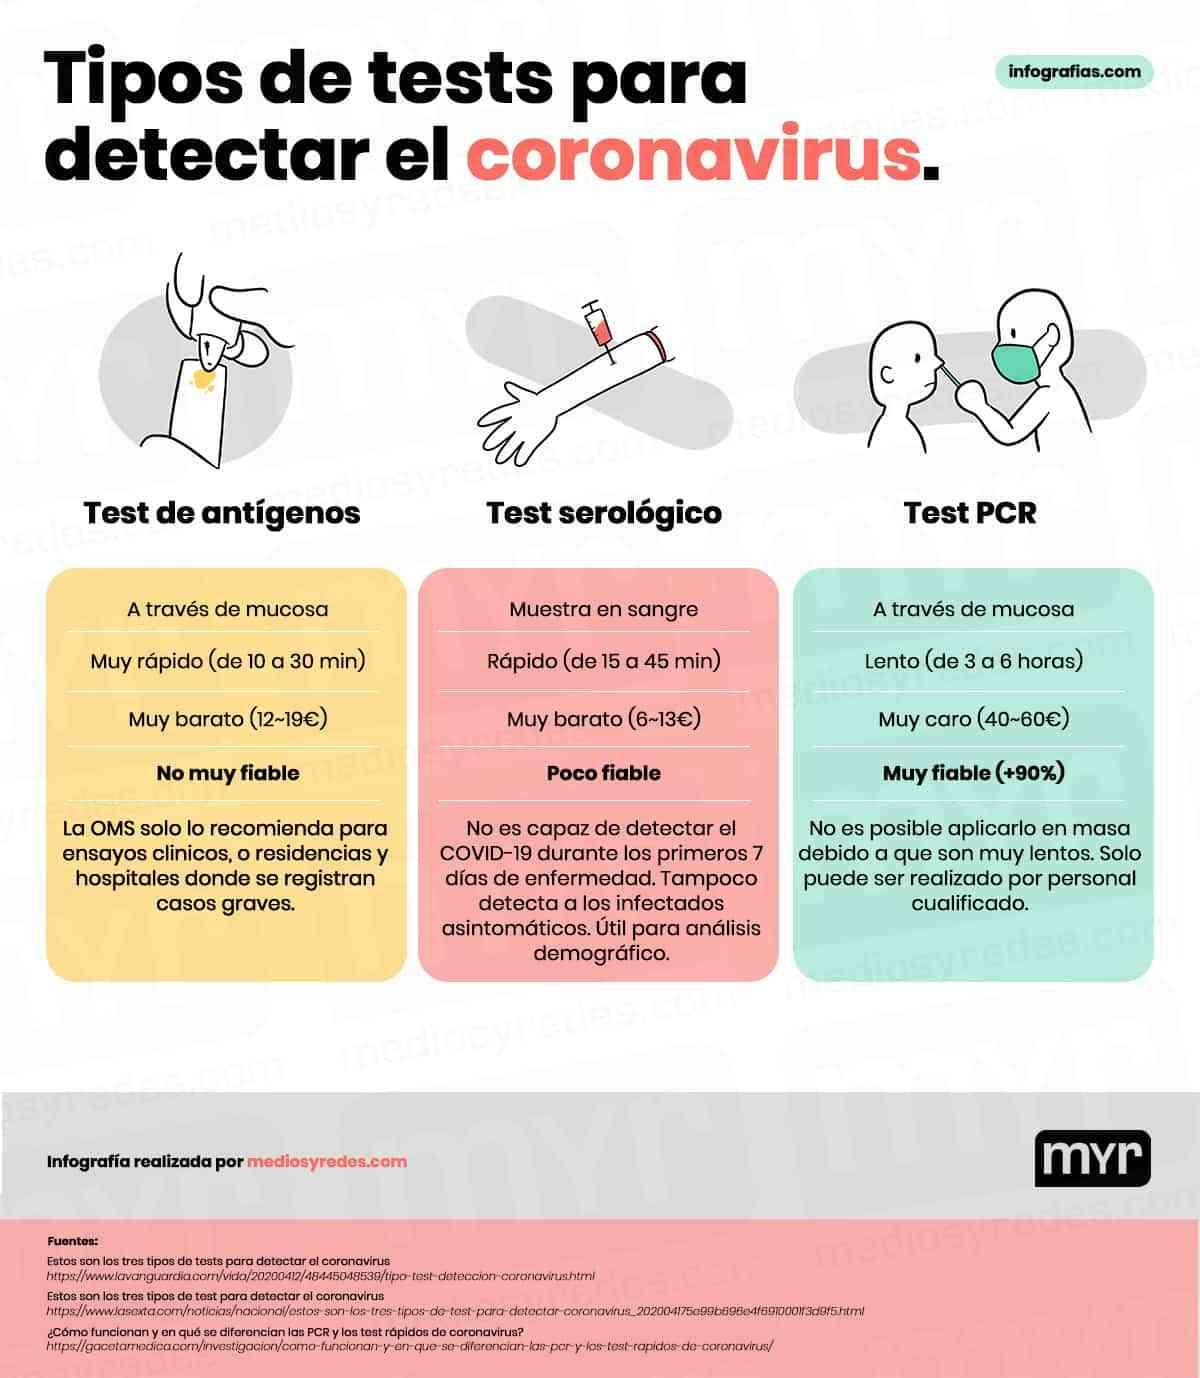 tipos de tests para detectar el coronavirus